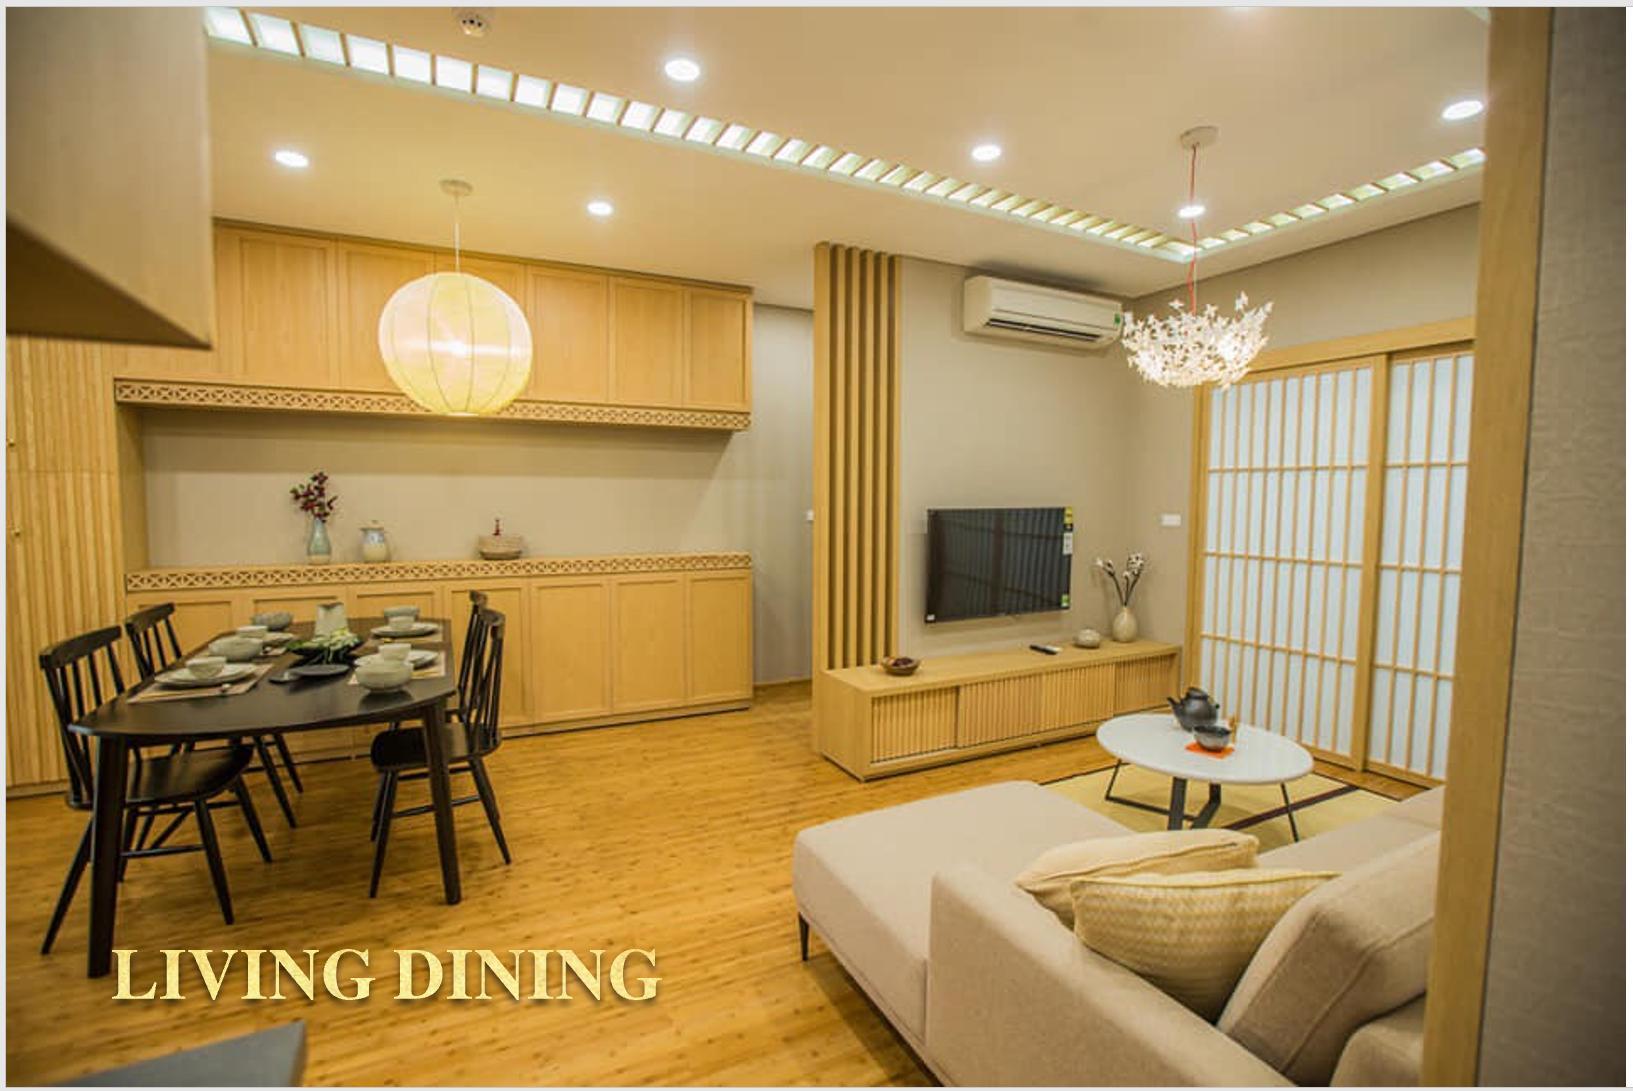 Căn hộ mẫu The Minato Residence